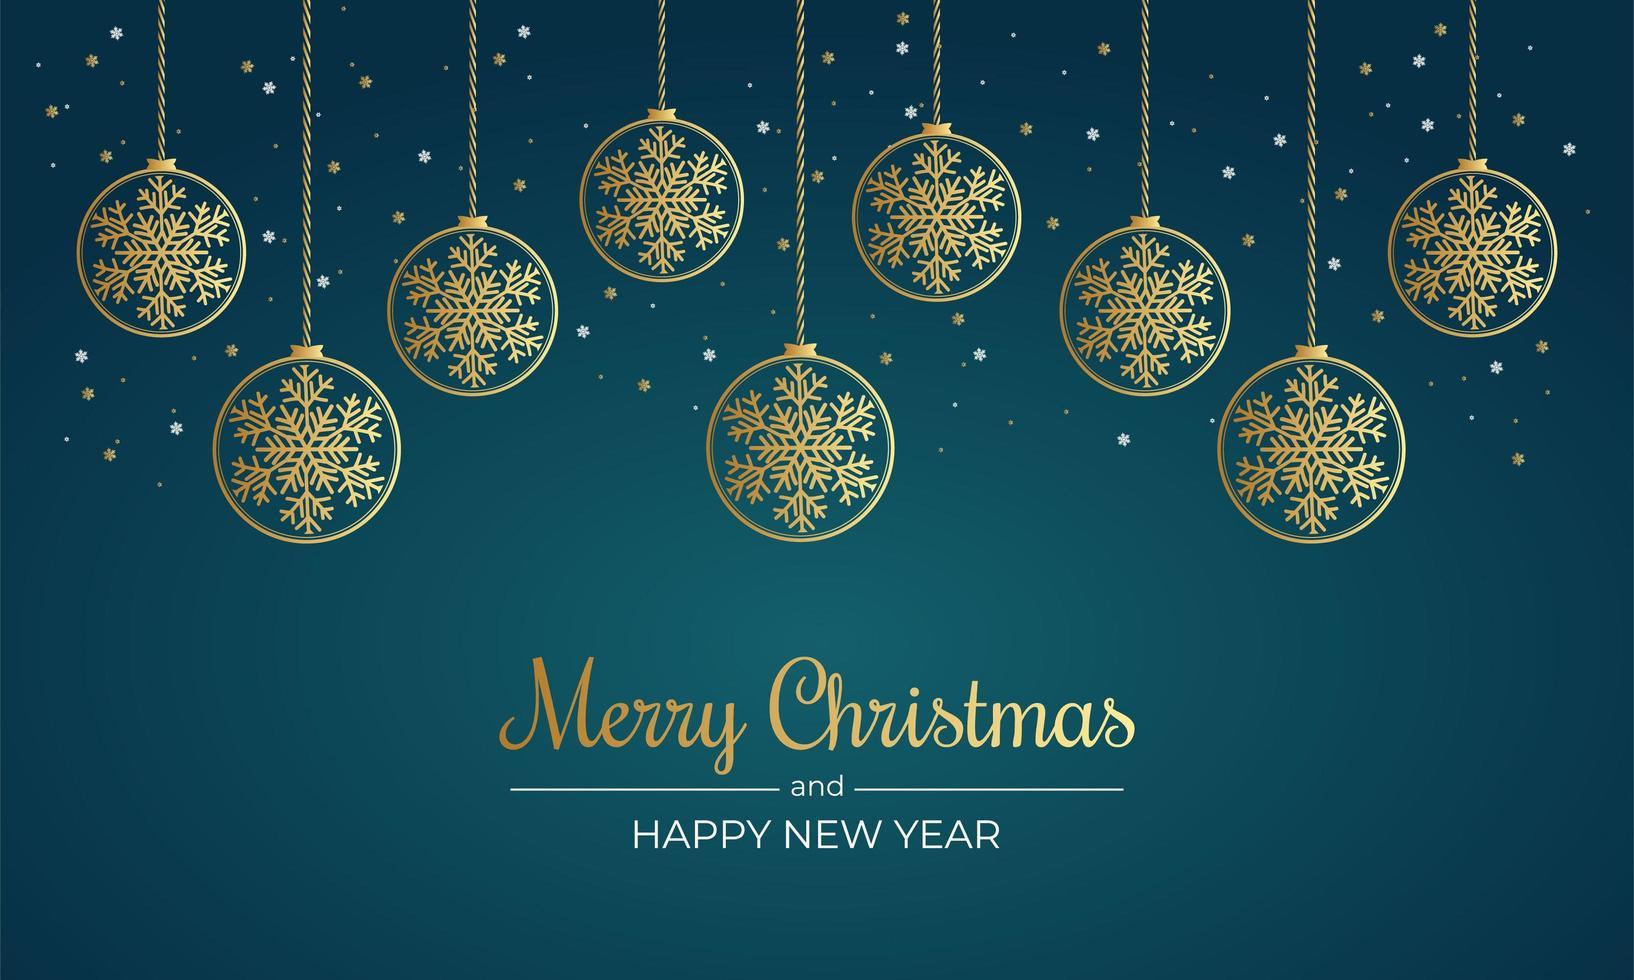 cartel navideño con copos de nieve dorados y adornos vector